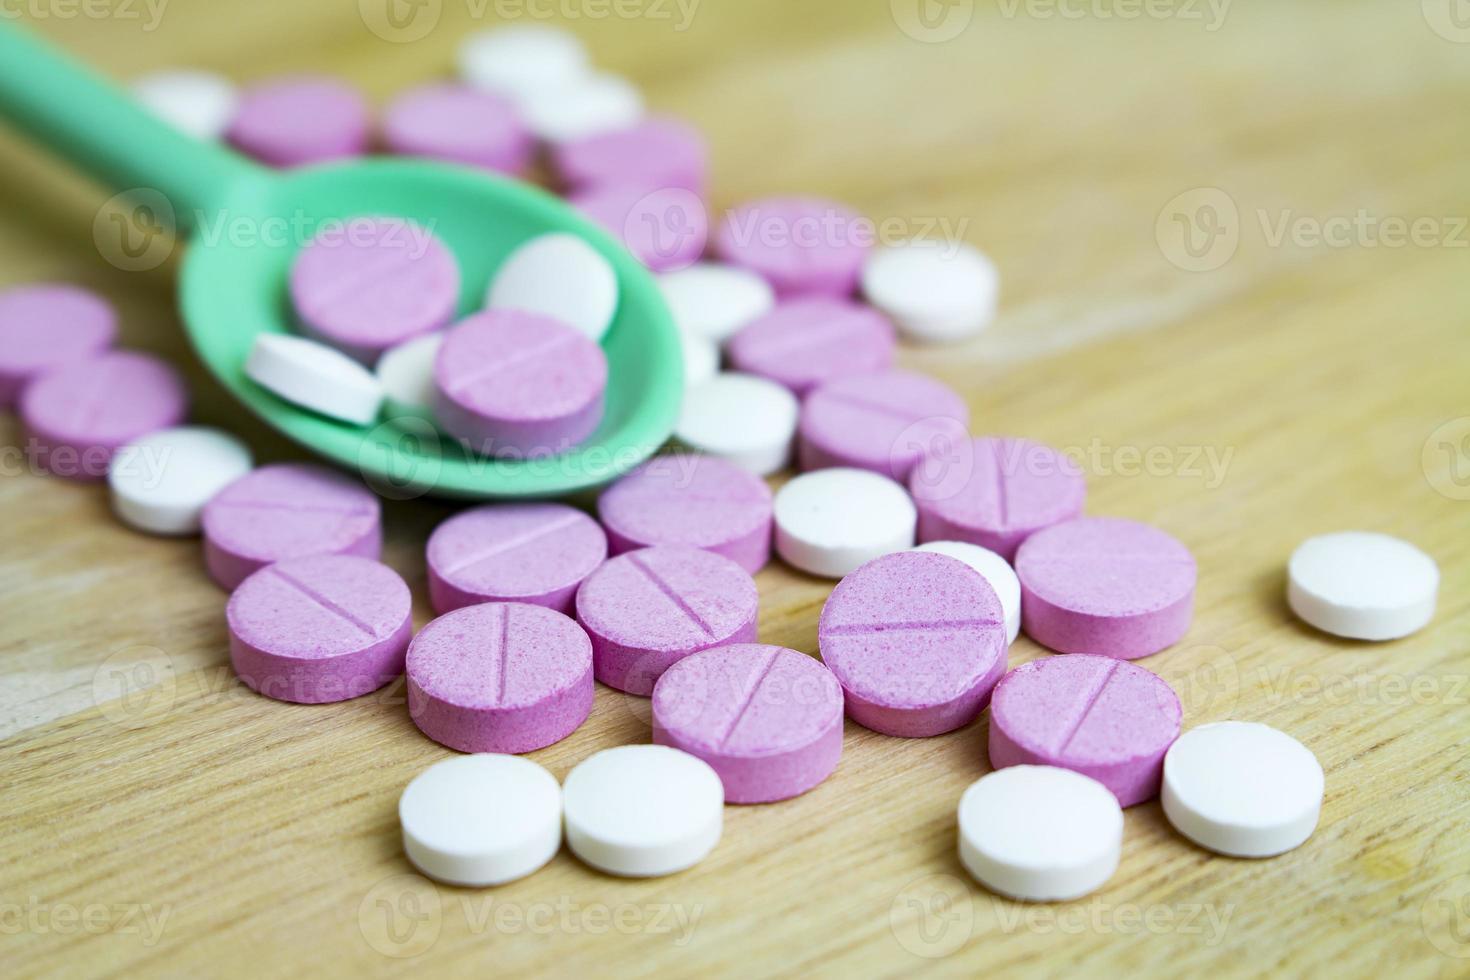 Grupo de drogas en una cuchara y una tabla de madera. foto